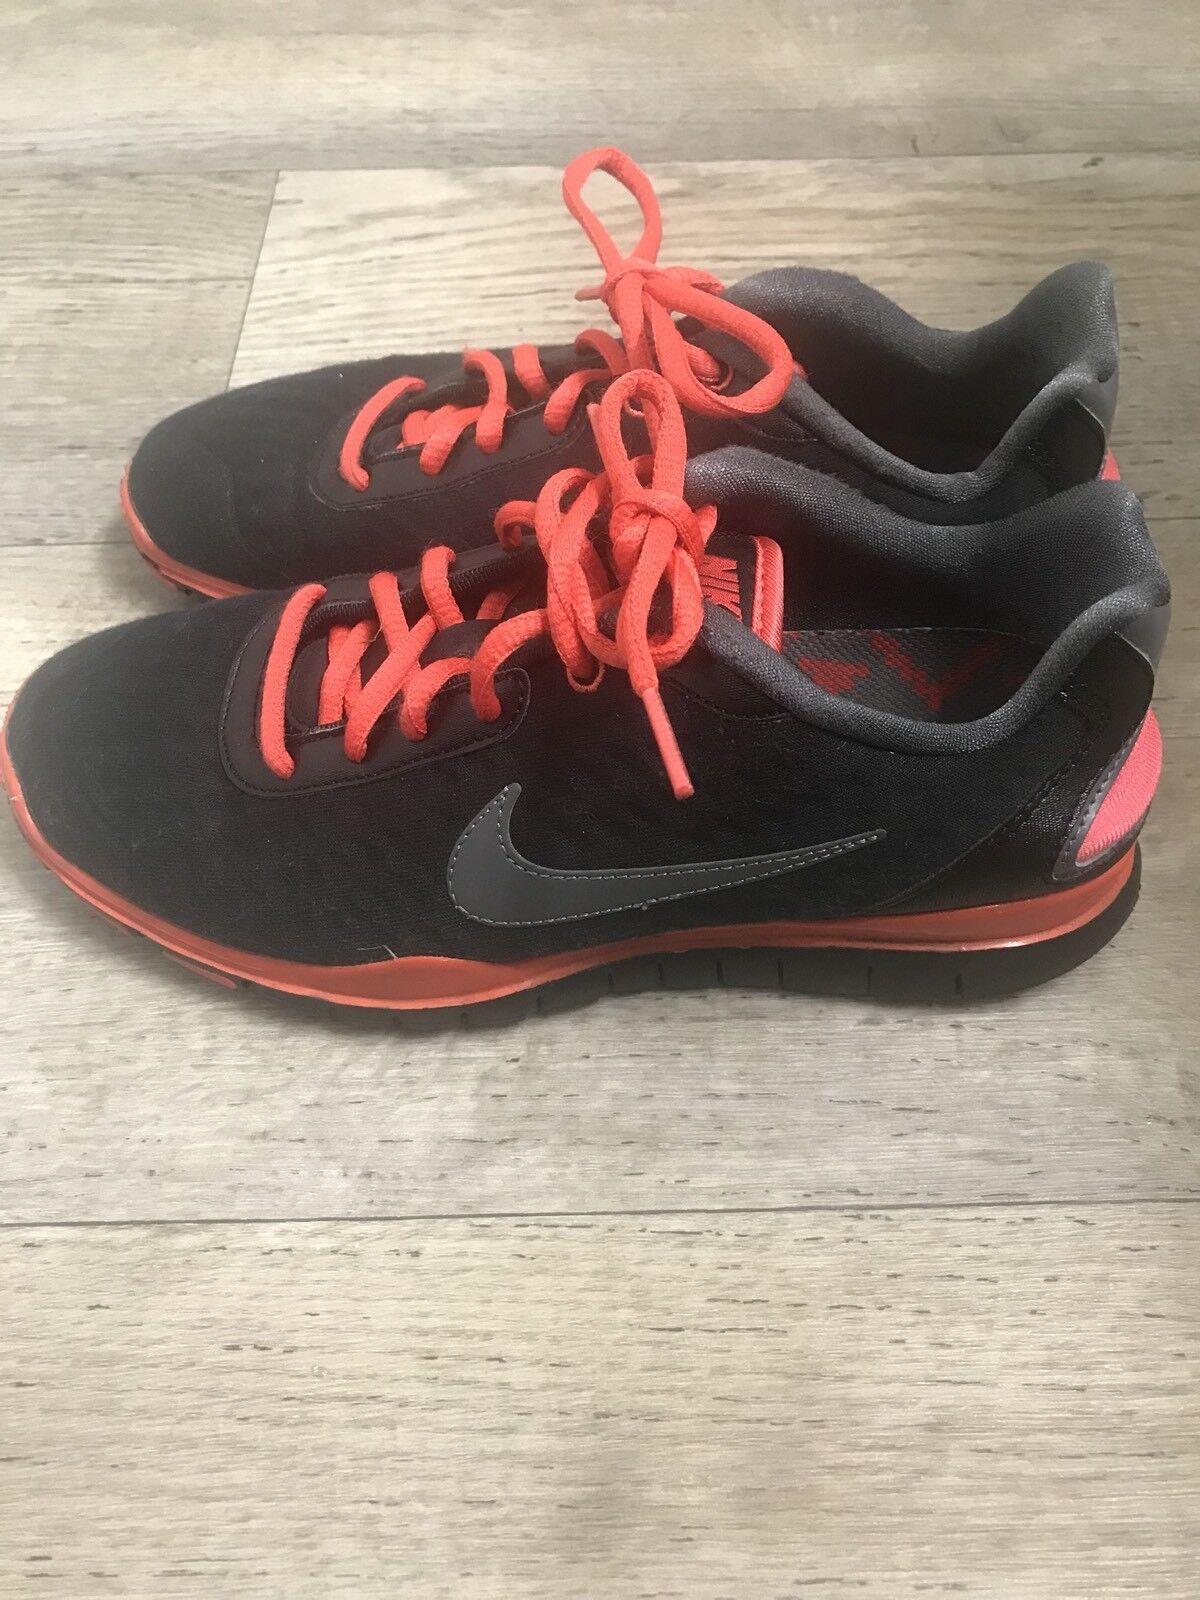 nike et libre tr luxe 2,0 femmes est noir et nike orange formation basket chaussures taille 8 7b7183